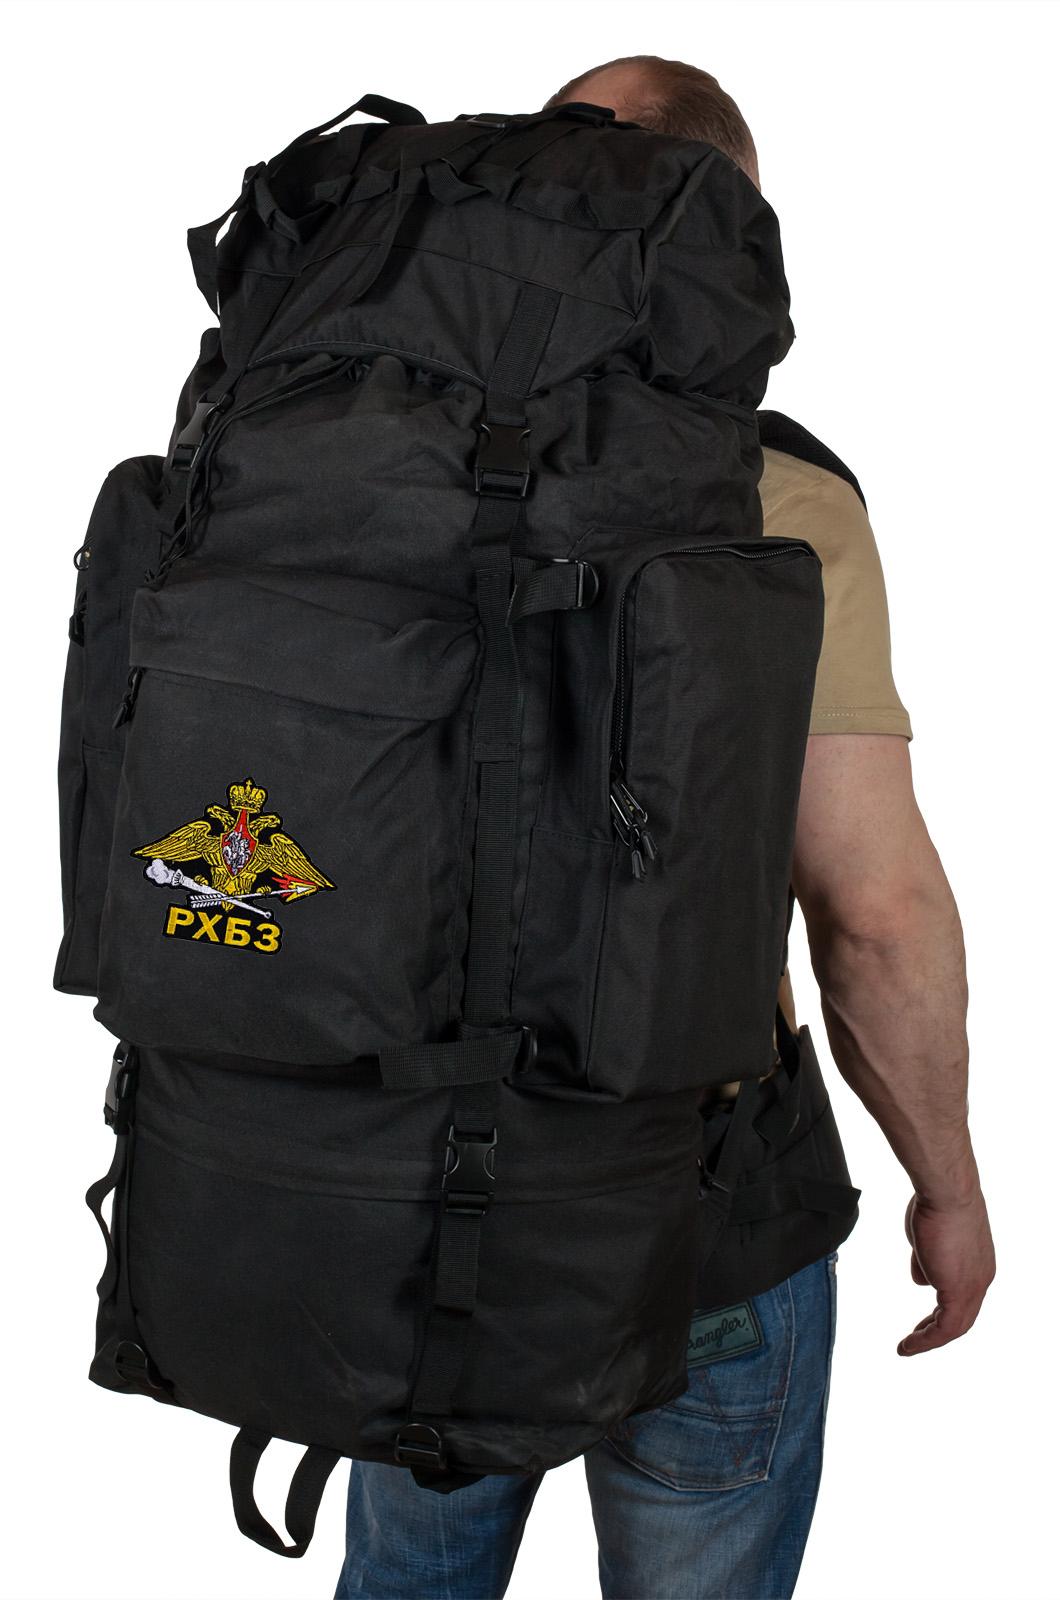 Тактический черный рюкзак с шевроном РХБЗ на 90 л